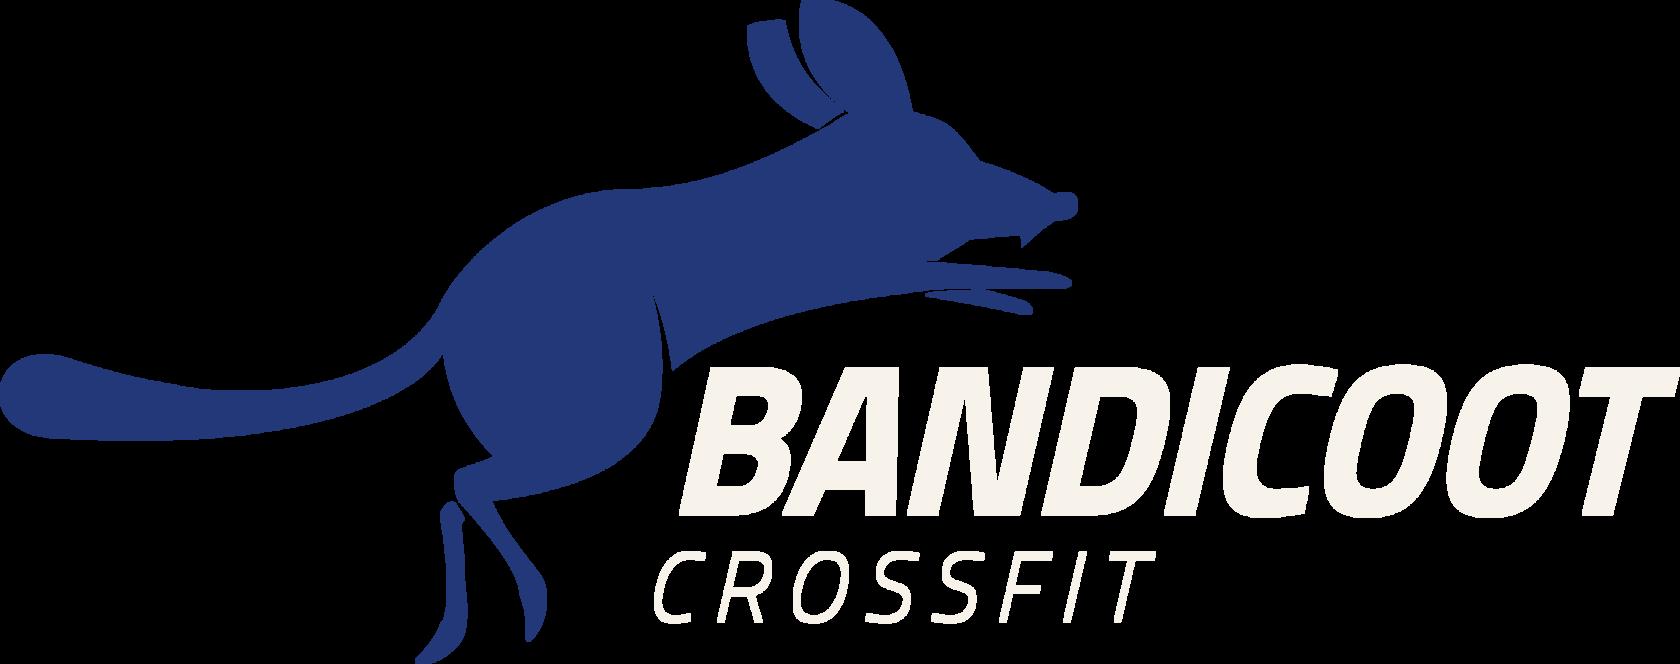 © 2019 CrossFit Bandicoot